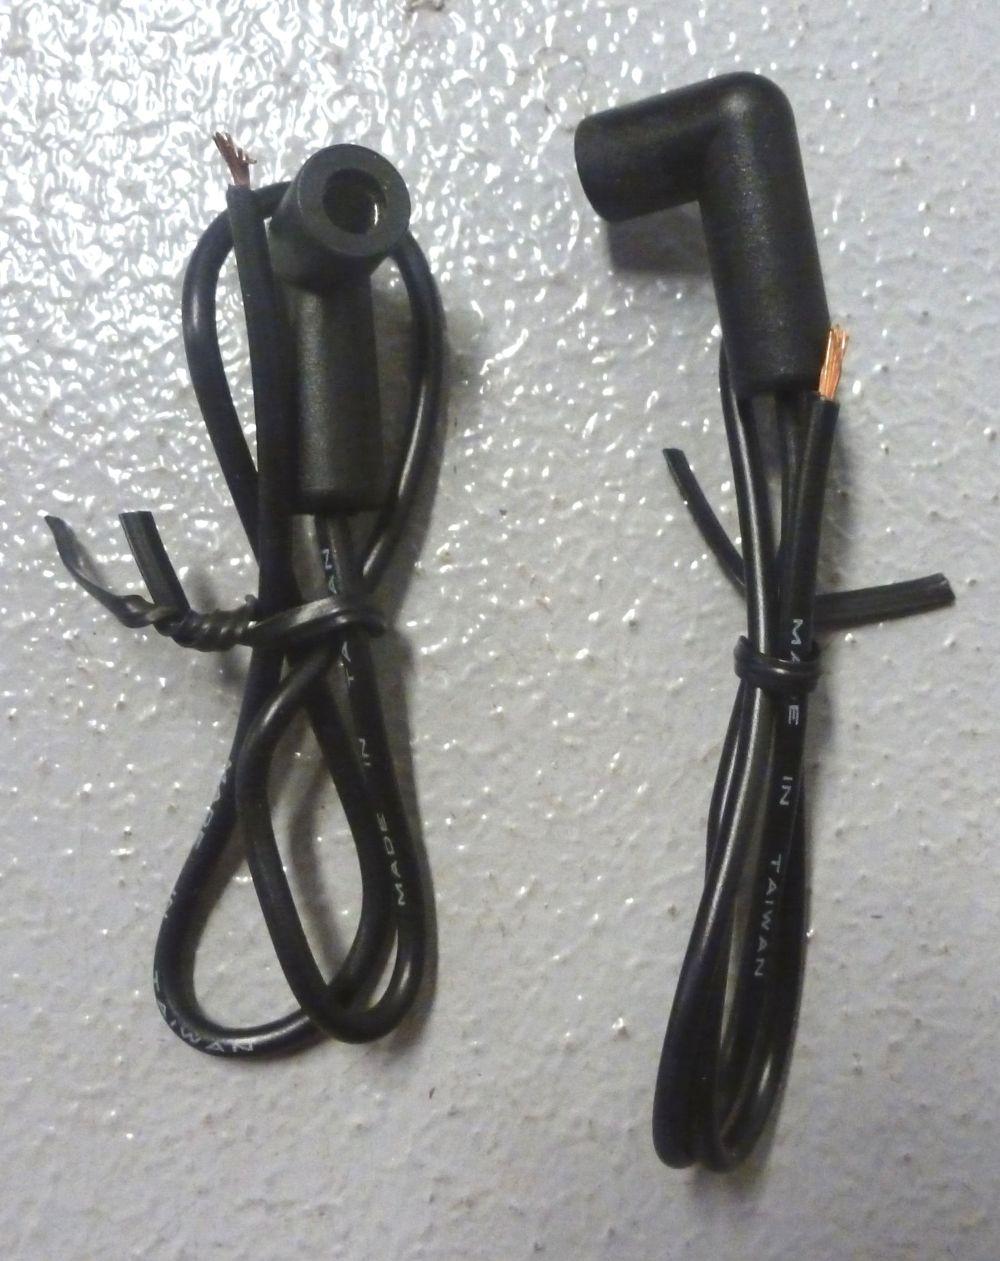 medium resolution of ingition coil female plug repair ends pair